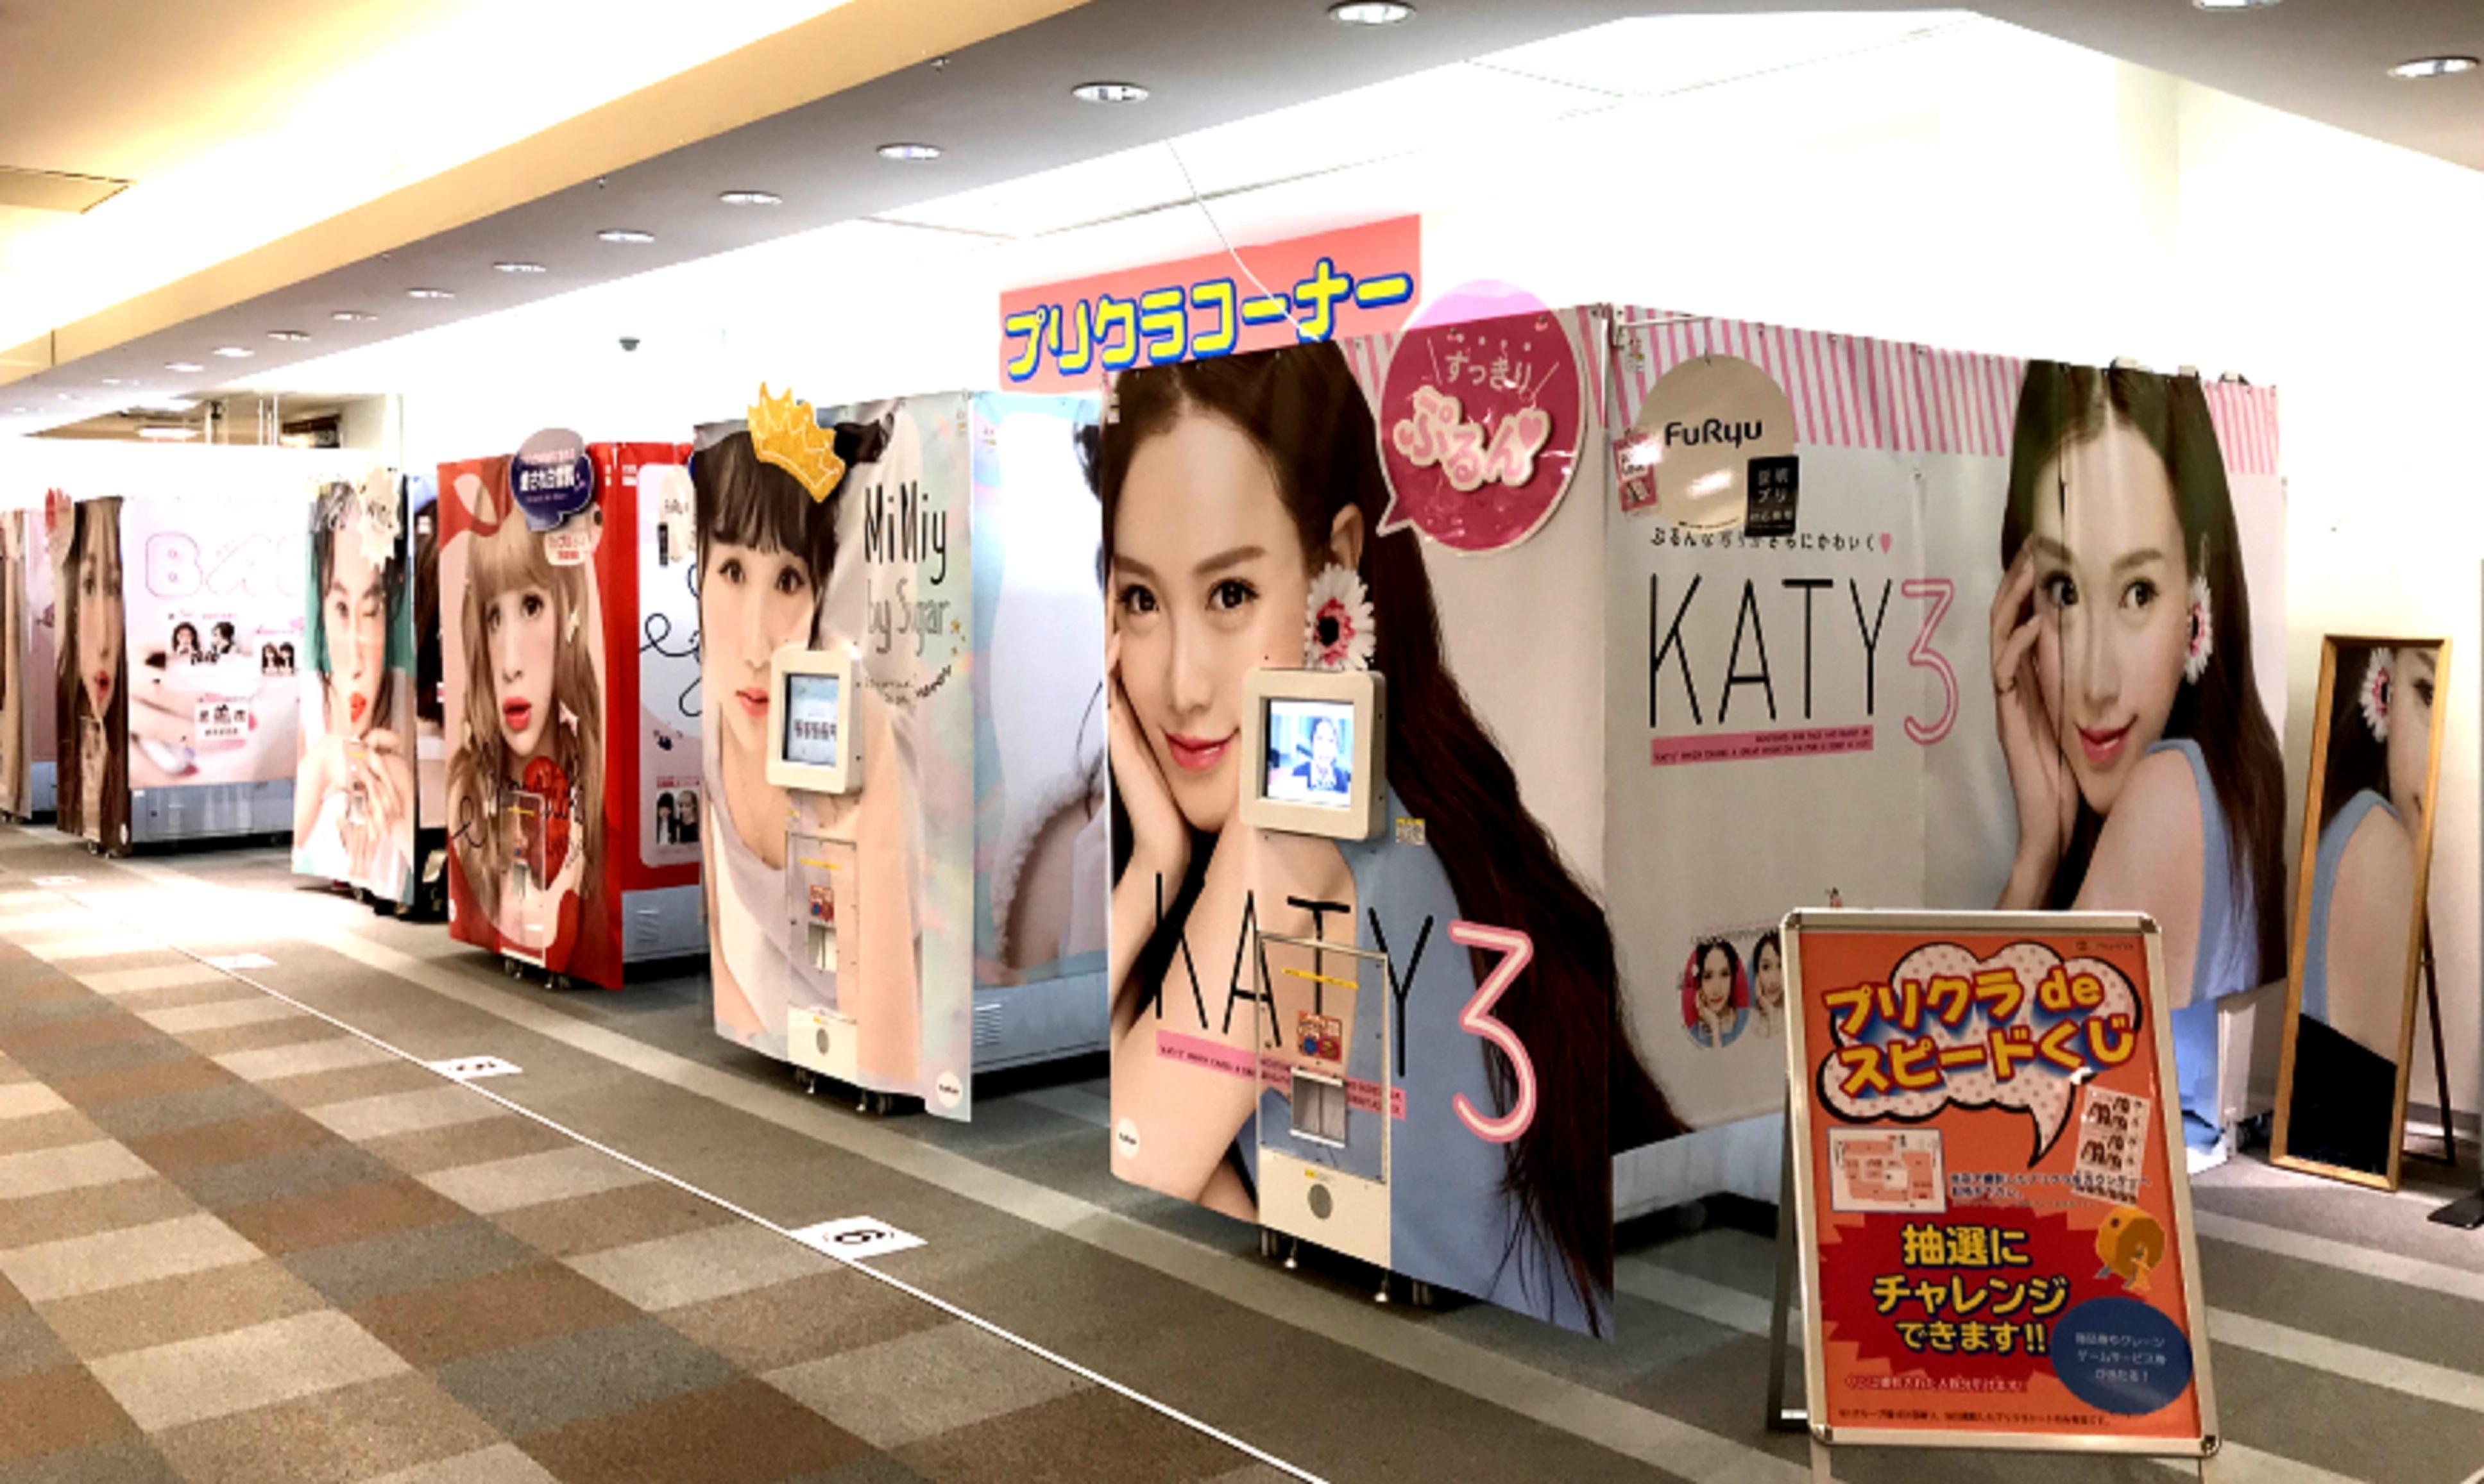 アミュージアム鴻巣店|関東エリア|アミュージアム【公式】ゲームセンター